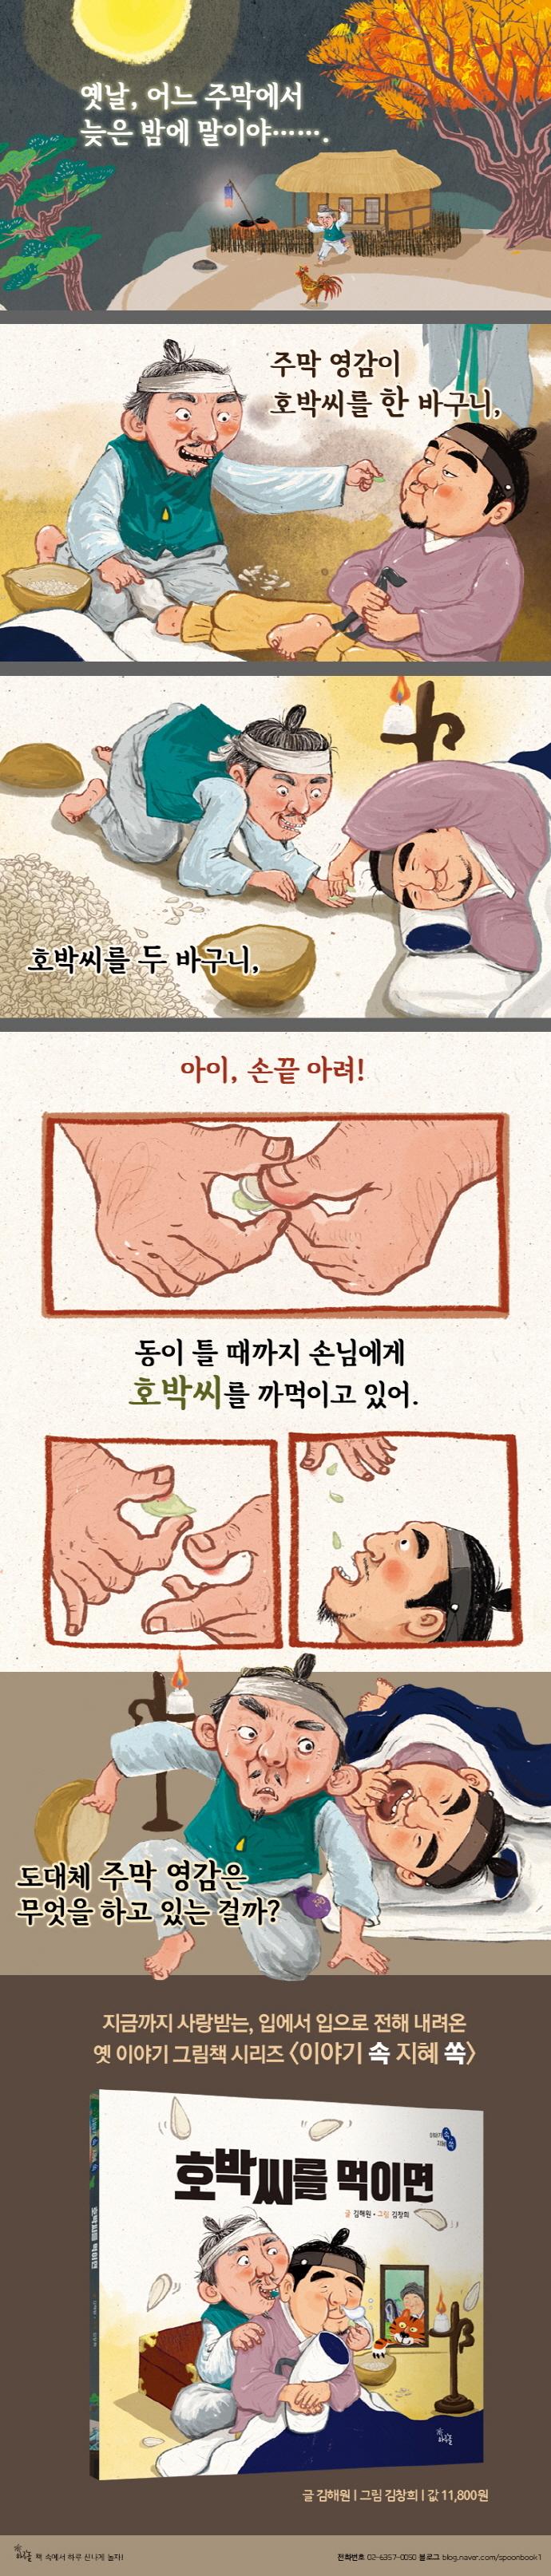 호박씨를 먹이면(이야기 속 지혜 쏙)(양장본 HardCover) 도서 상세이미지